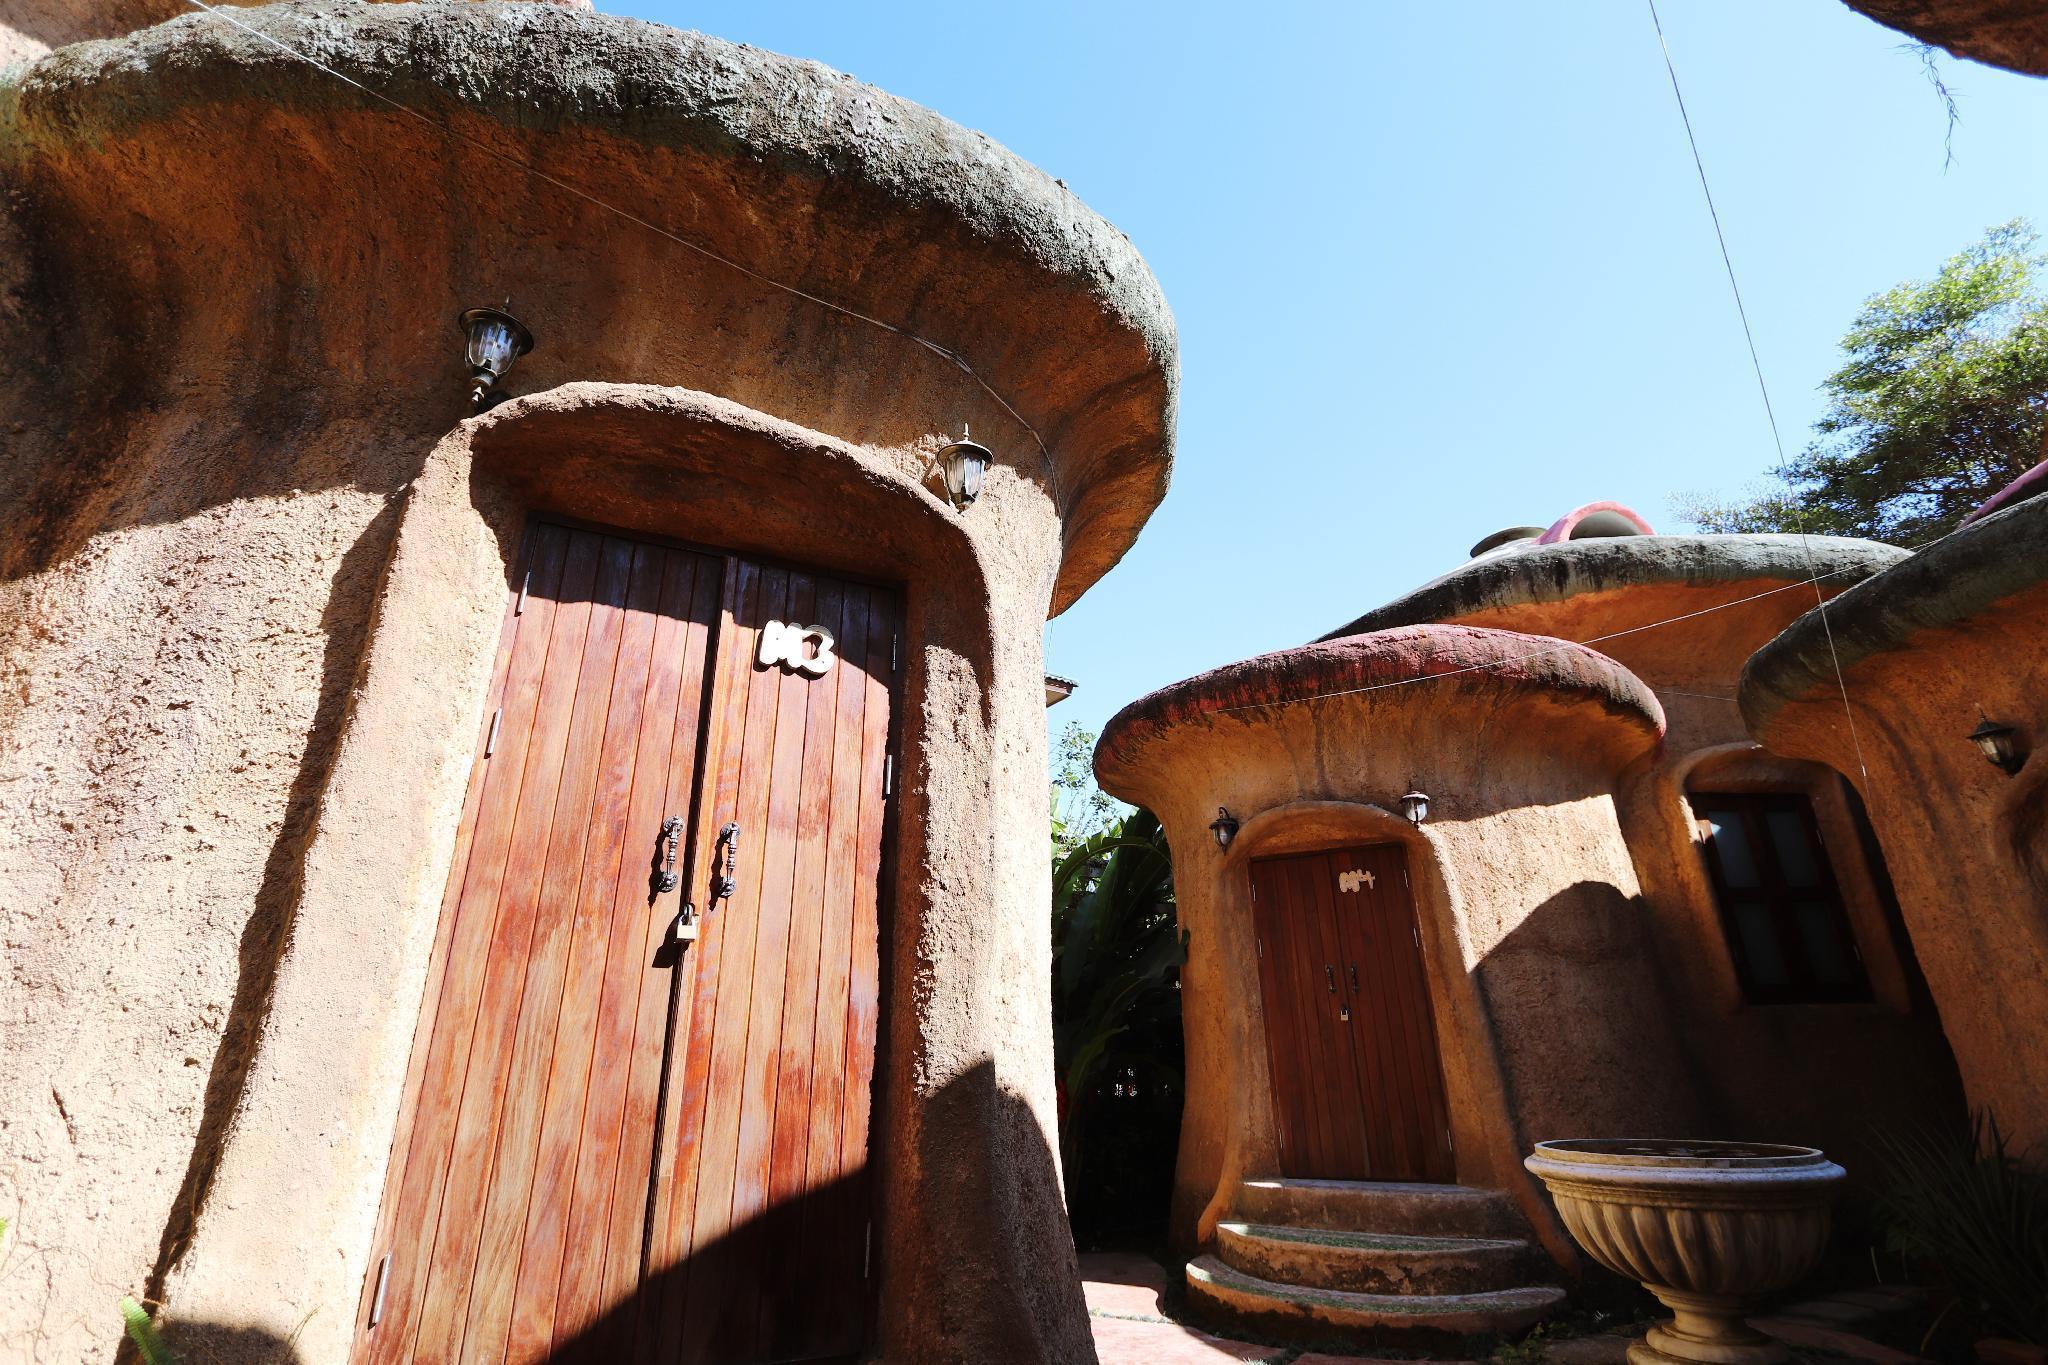 Leafy Greens Earthy Mushroom House M3 บังกะโล 2 ห้องนอน 1 ห้องน้ำส่วนตัว ขนาด 35 ตร.ม. – ห้วยแก้ว